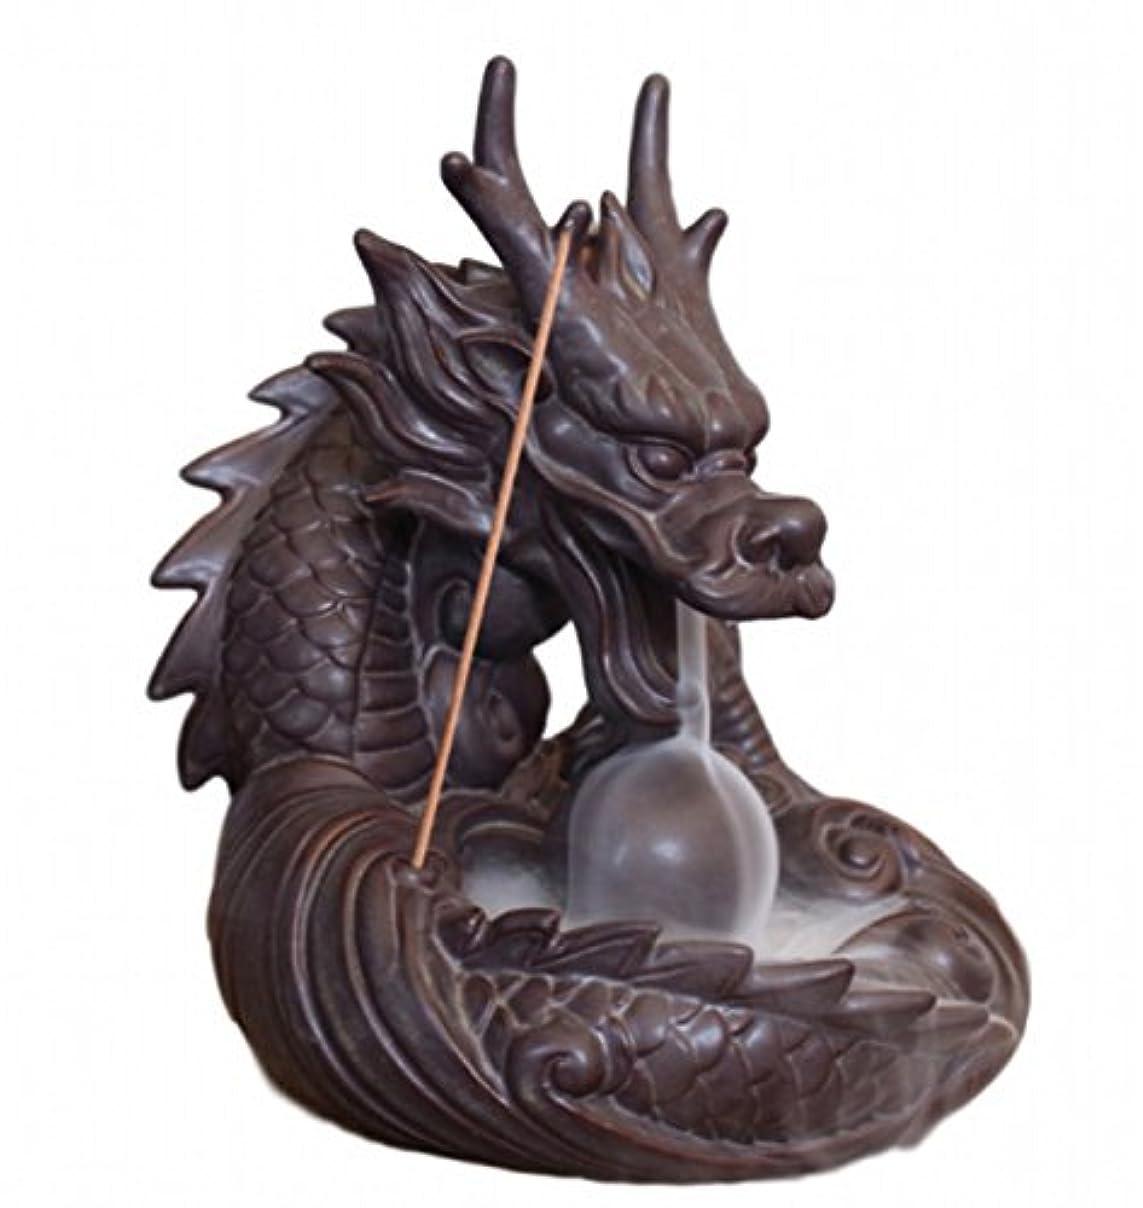 必需品失速難民【Rurumiマーケット】不思議なお香 倒流香 用 香炉 ドラゴン お試しお香付き 流川香 陶器製 (ドラゴンB)